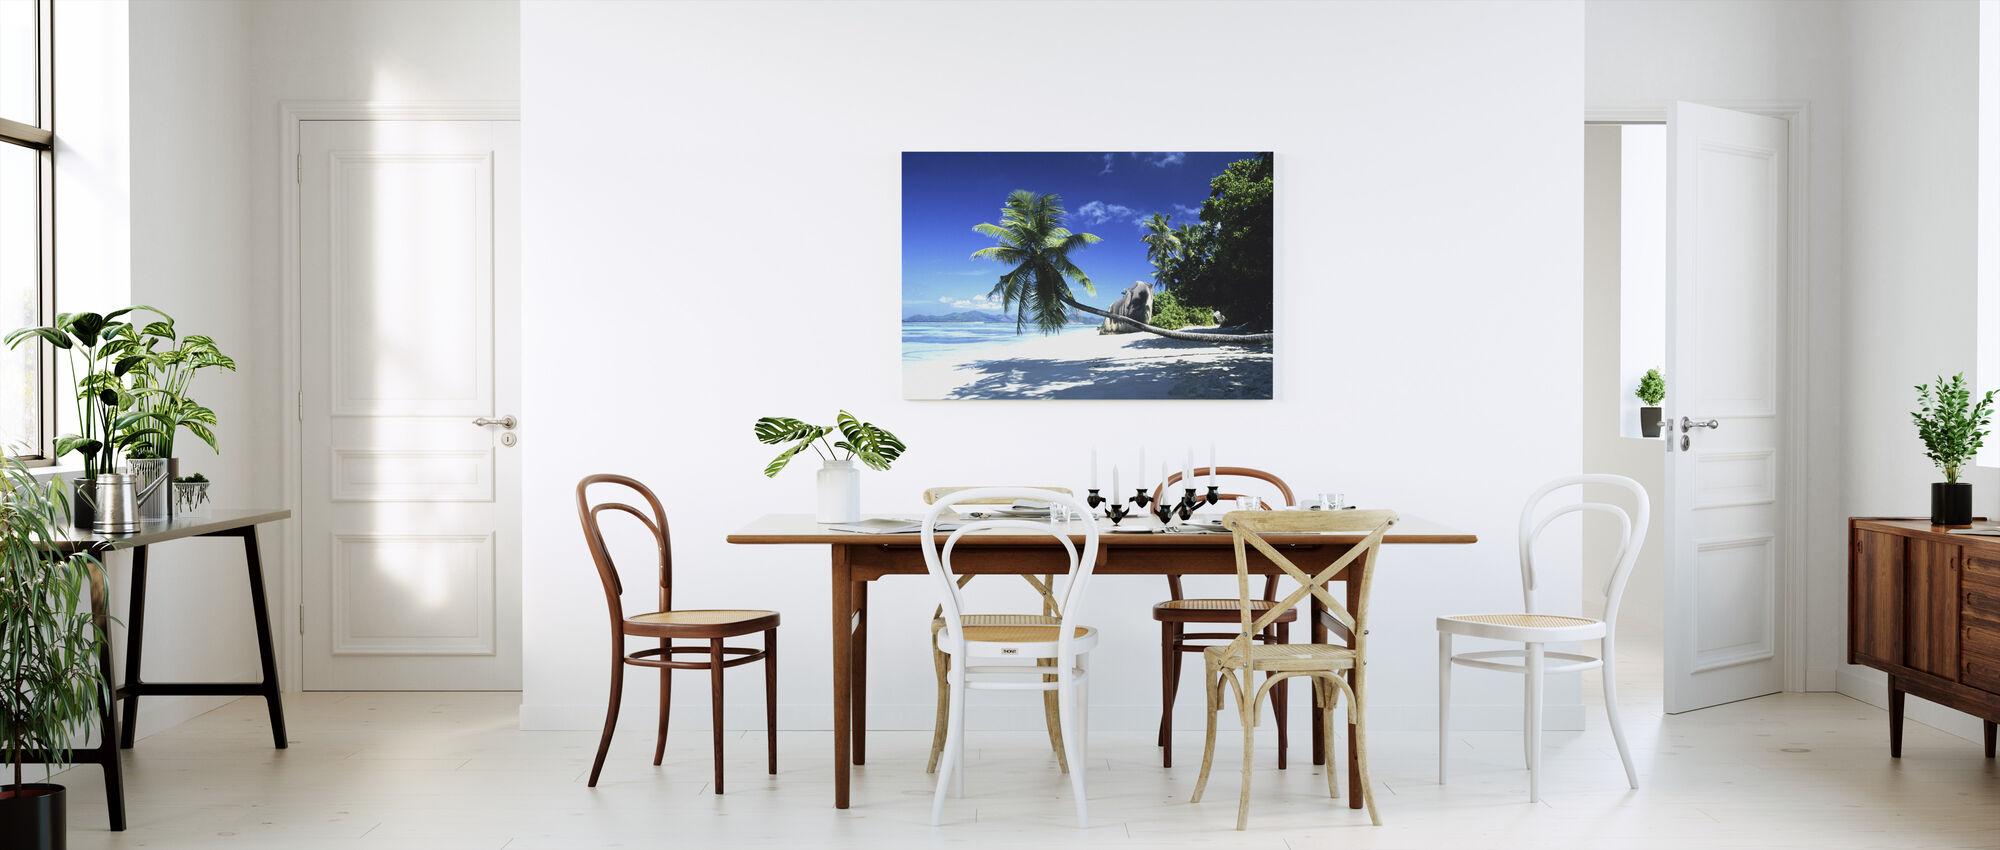 Paradiset - Canvastavla - Kök